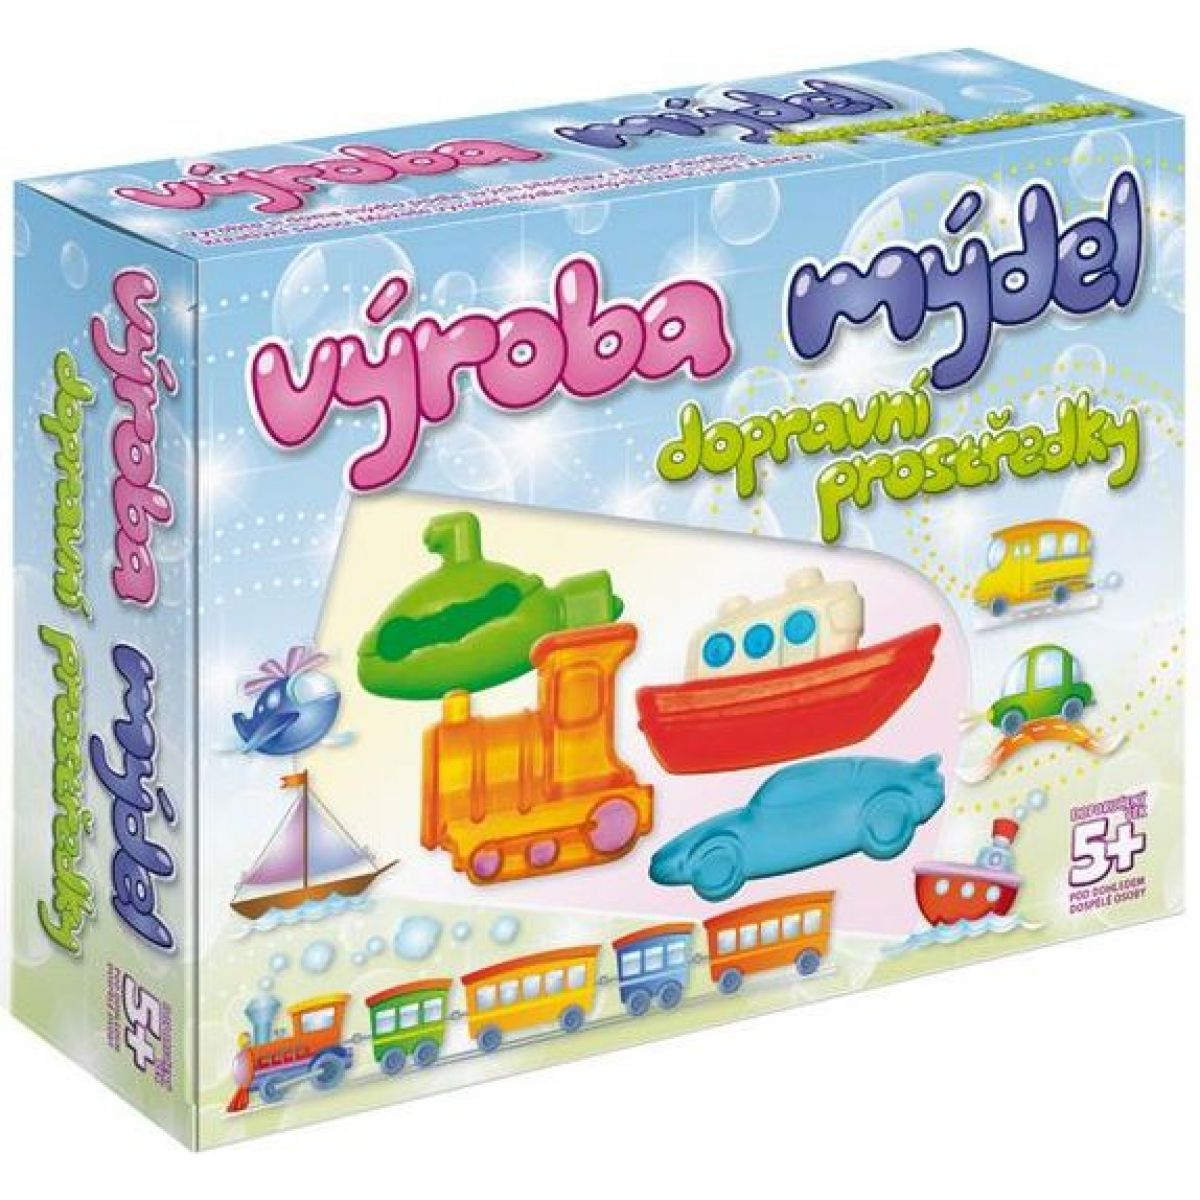 DetiArt Výroba mýdel - Transport